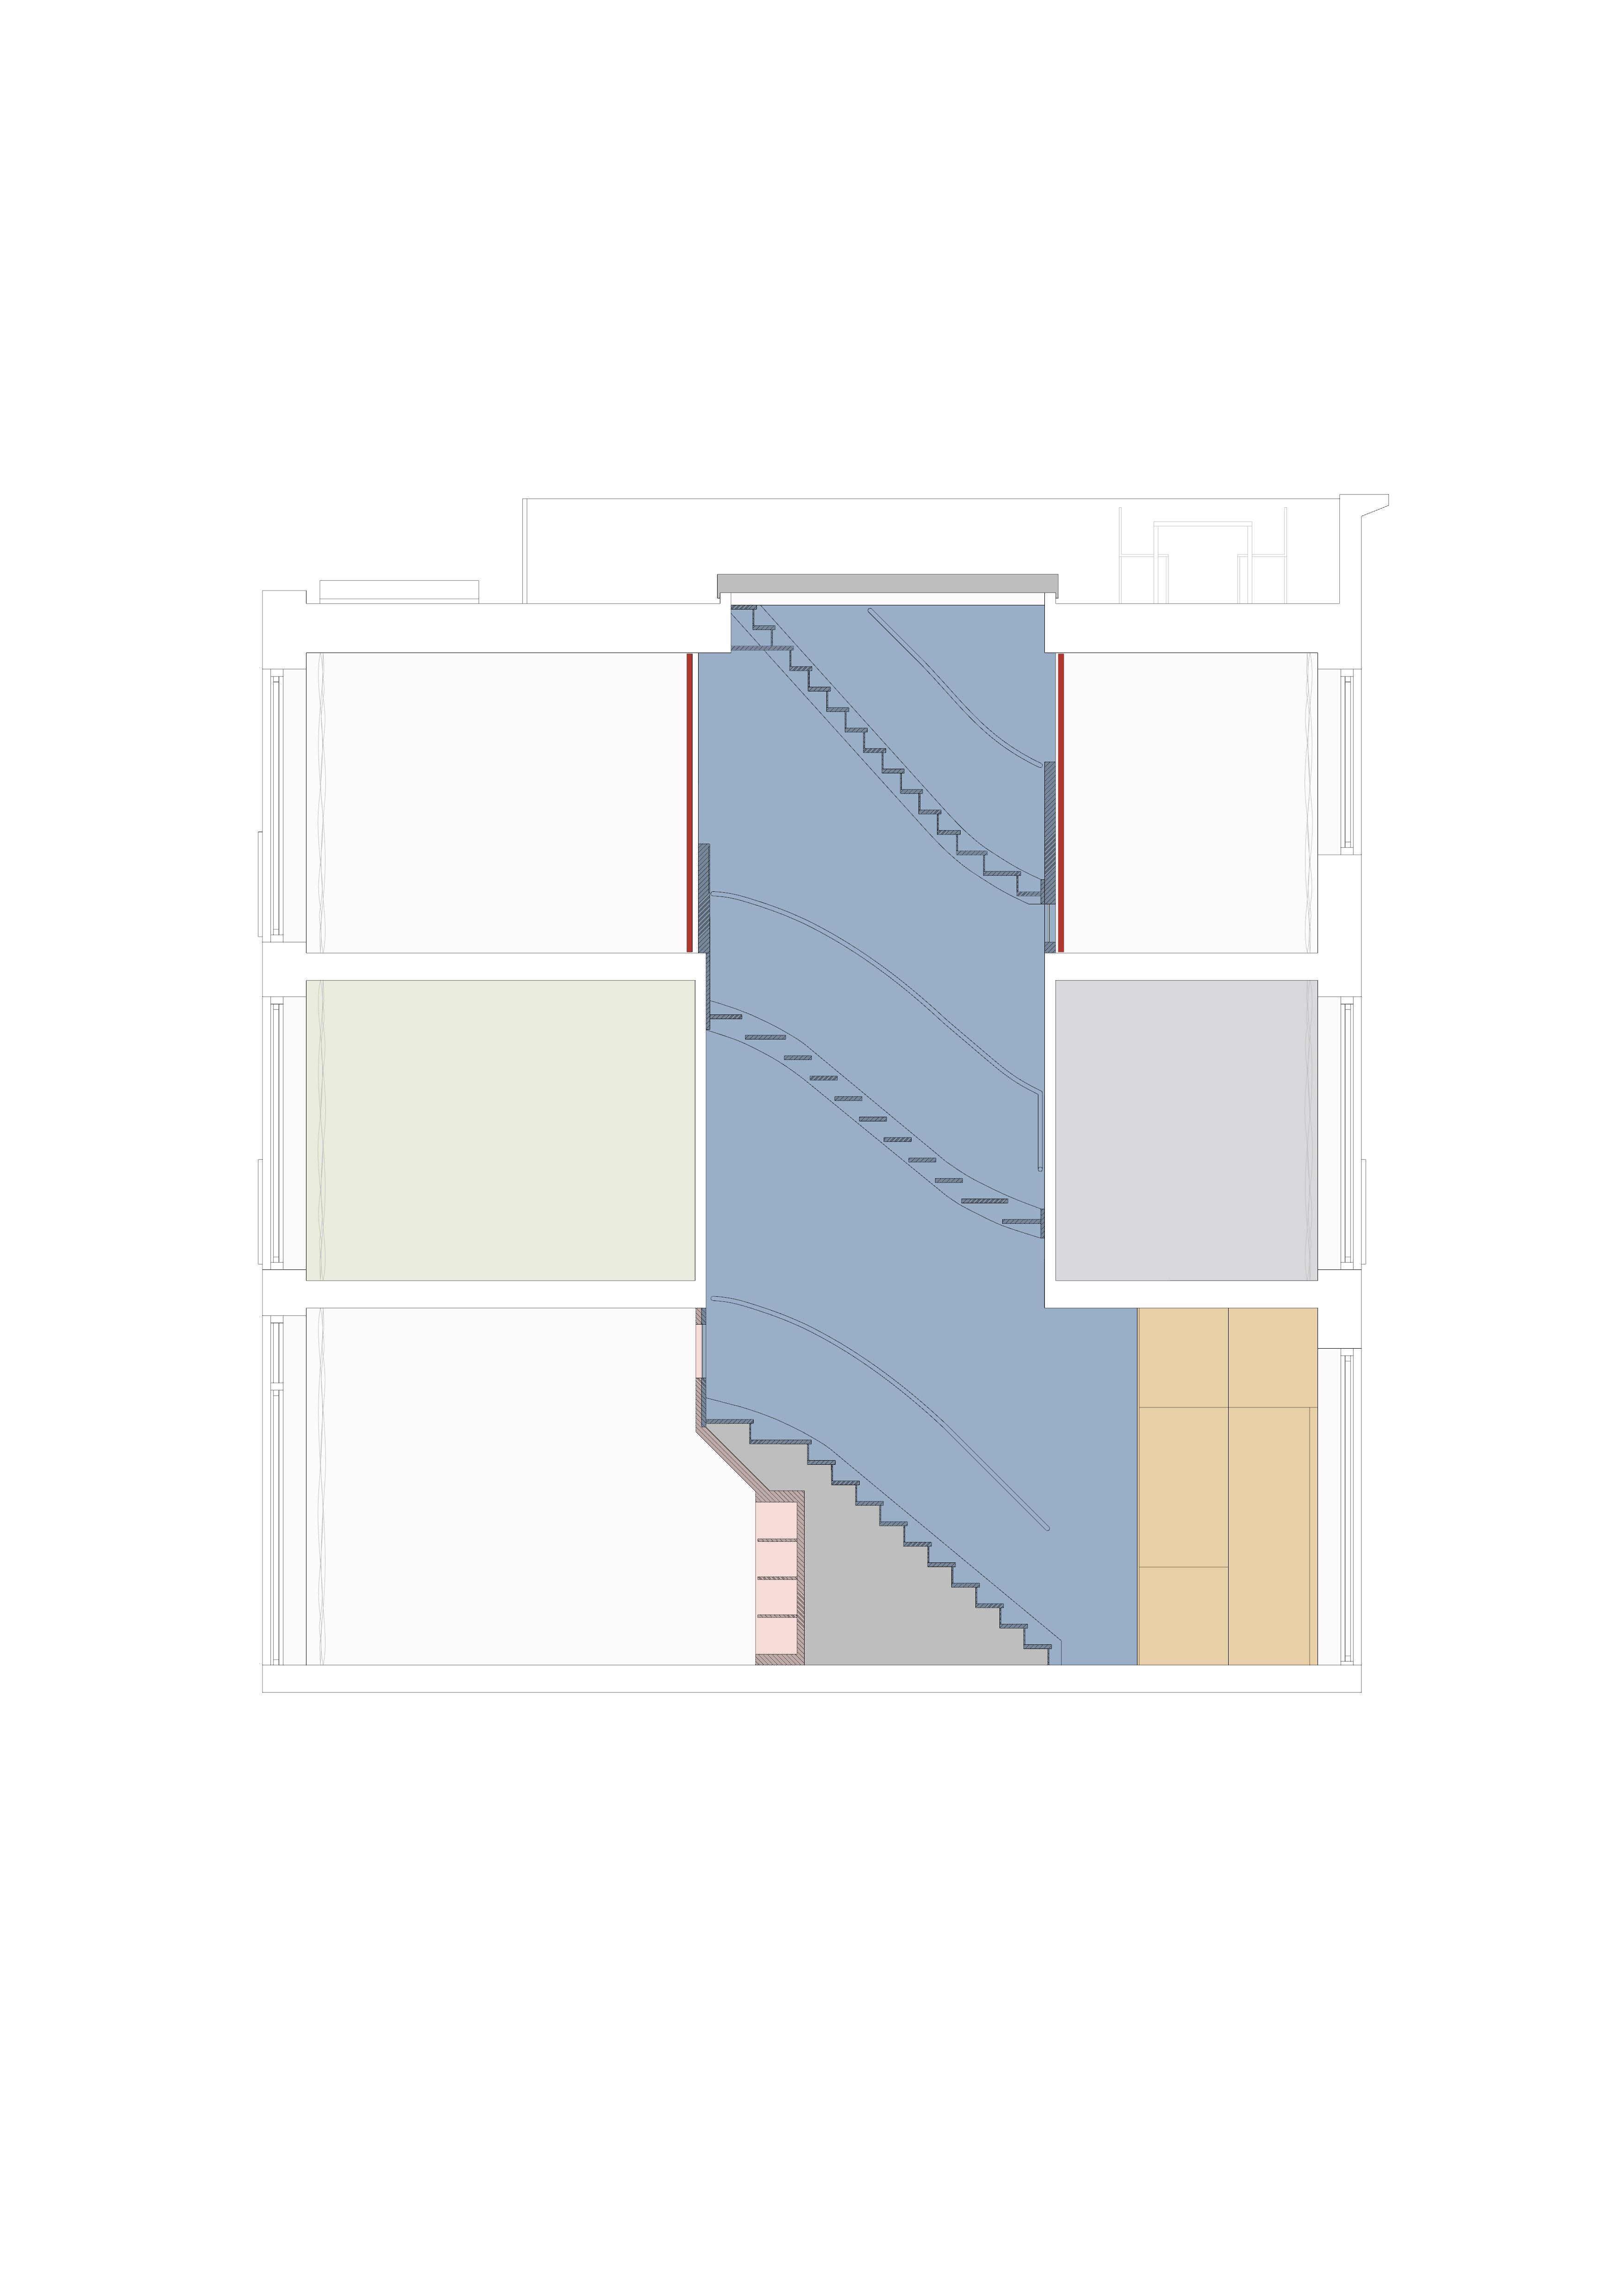 <p>Langsdoorsnede over het blauwe trappenhuis</p>